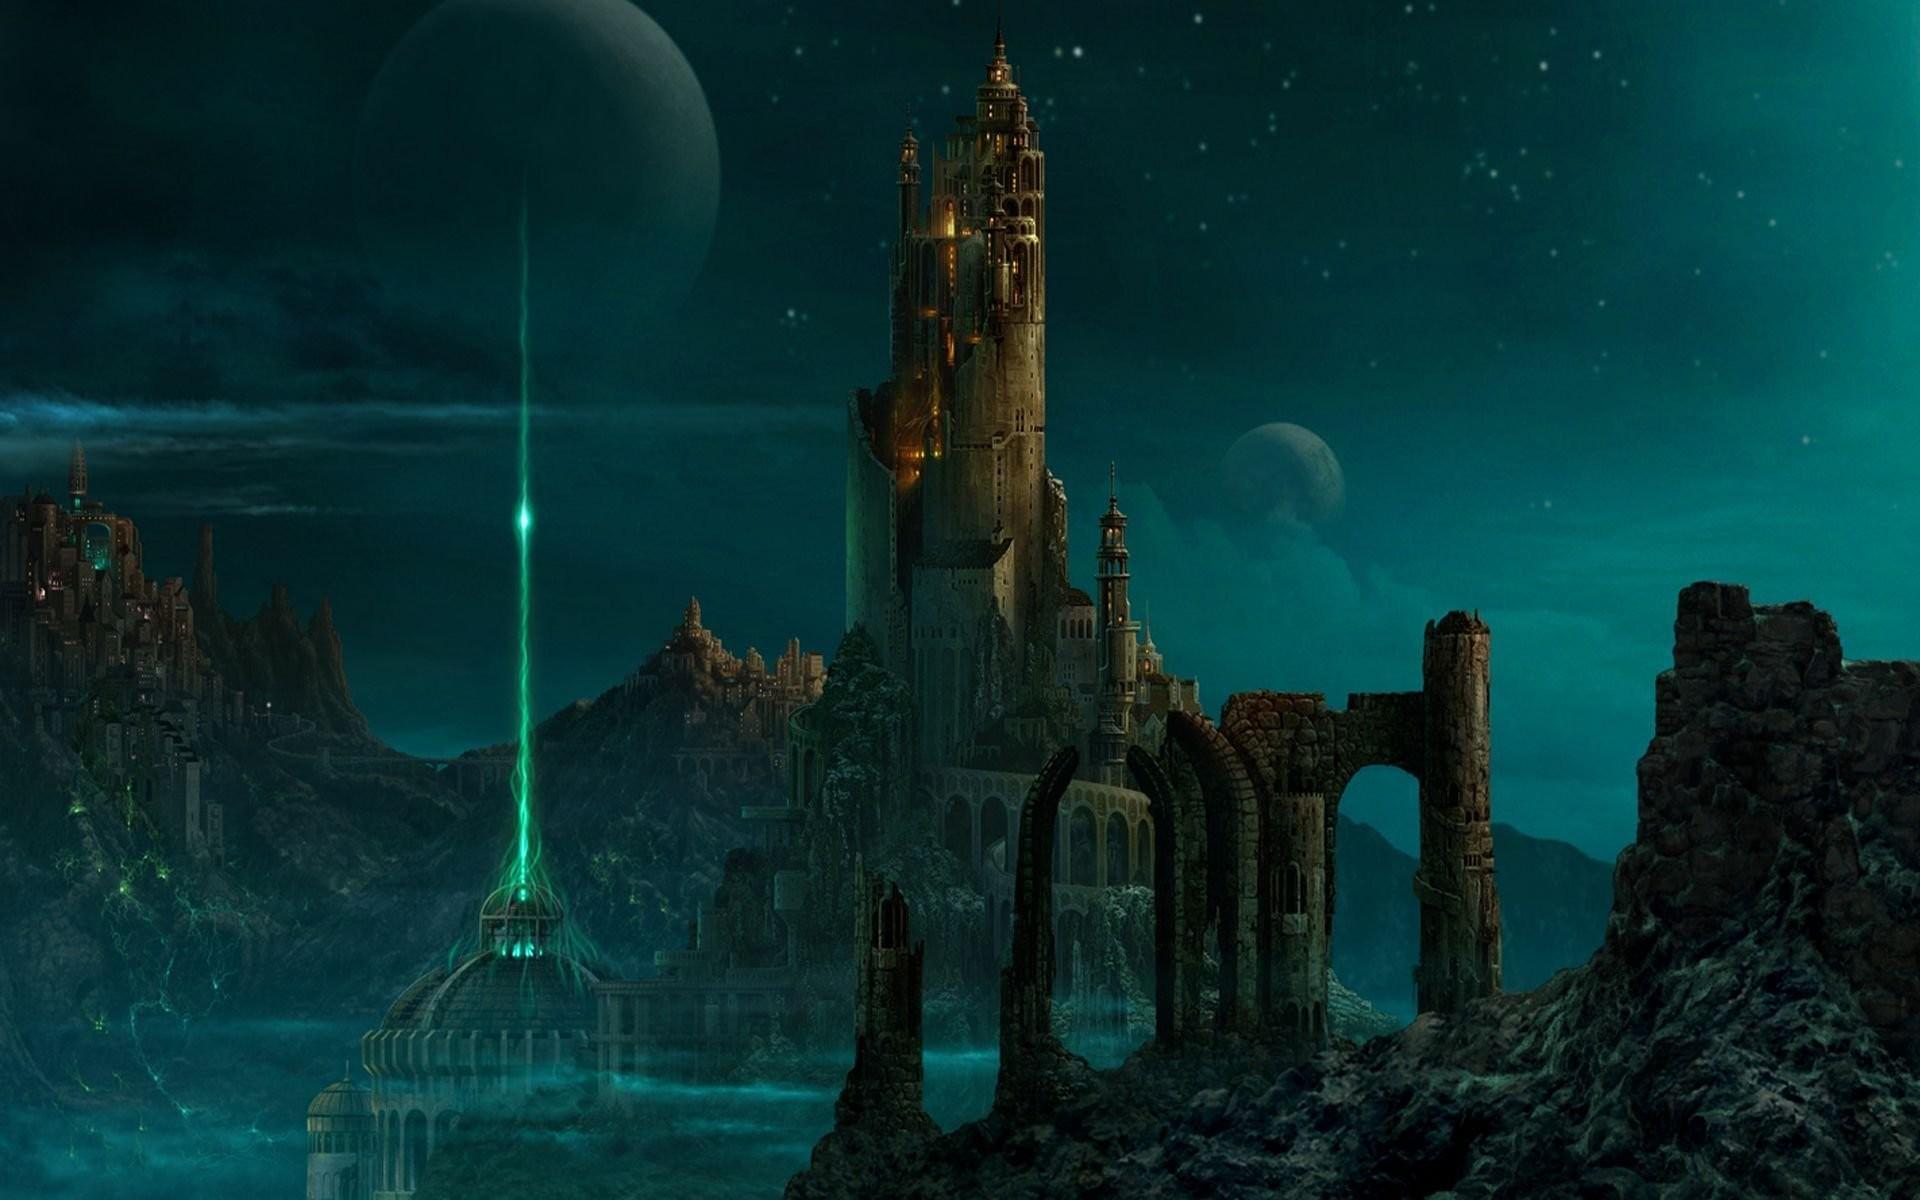 Night Sky Over Castle …